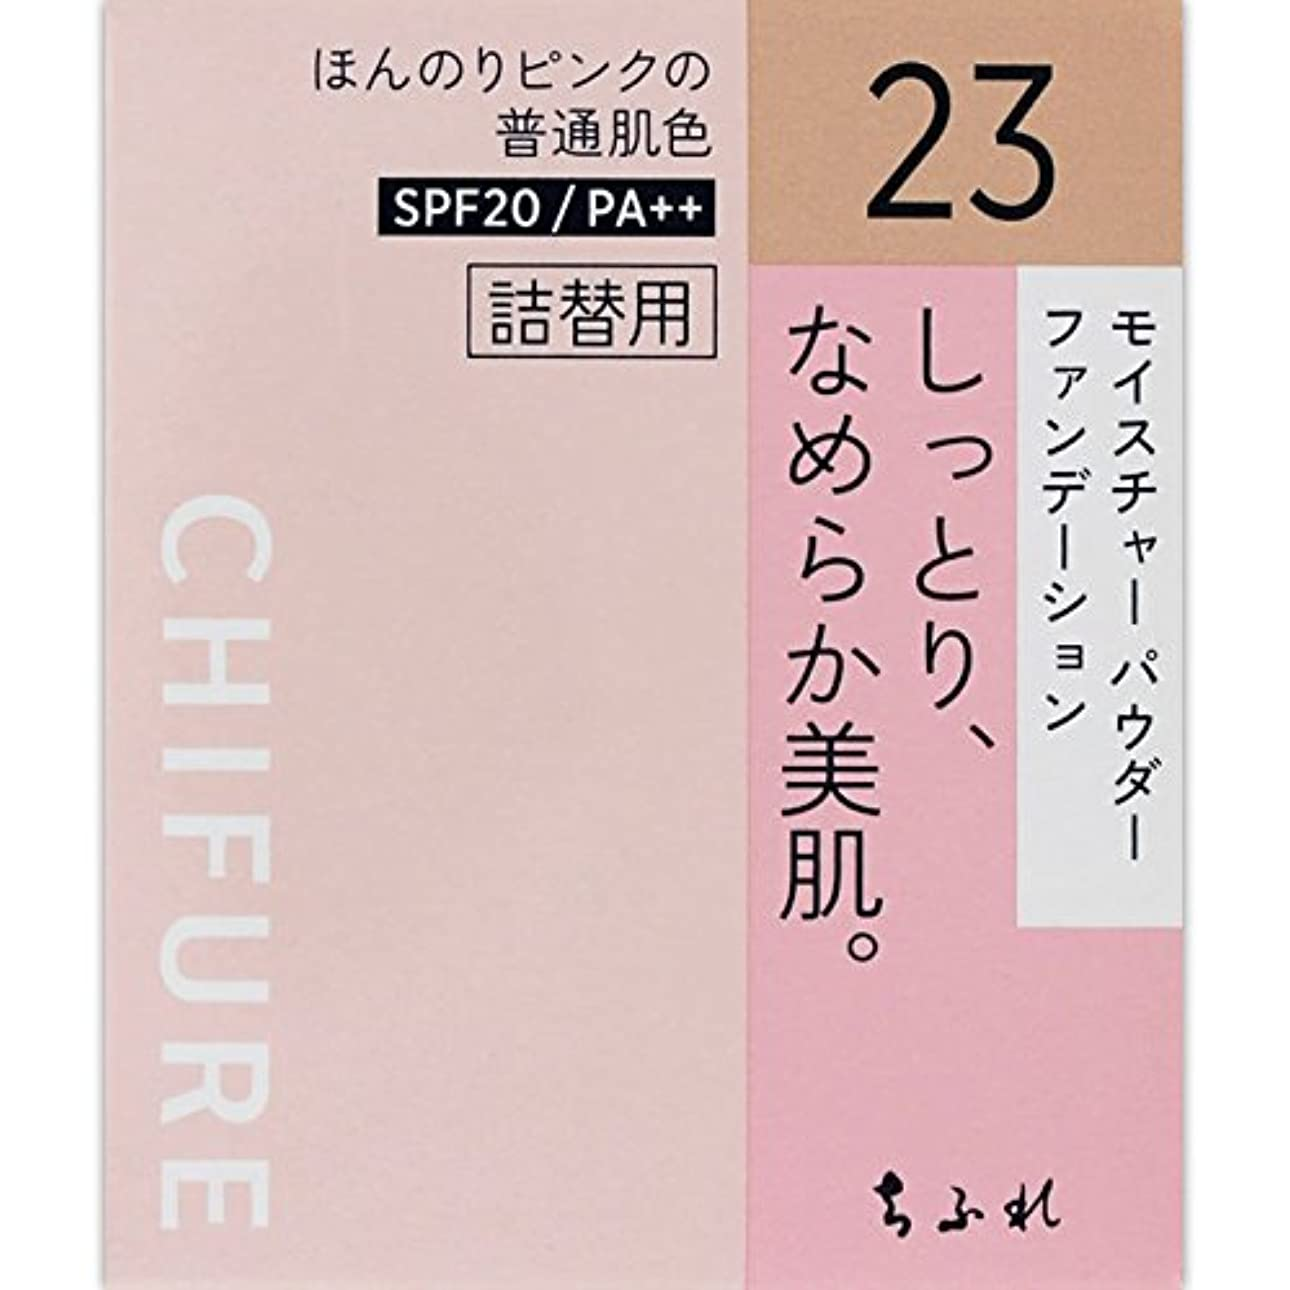 盲信ビームスマイルちふれ化粧品 モイスチャー パウダーファンデーション 詰替用 ピンクオークル系 MパウダーFD詰替用23